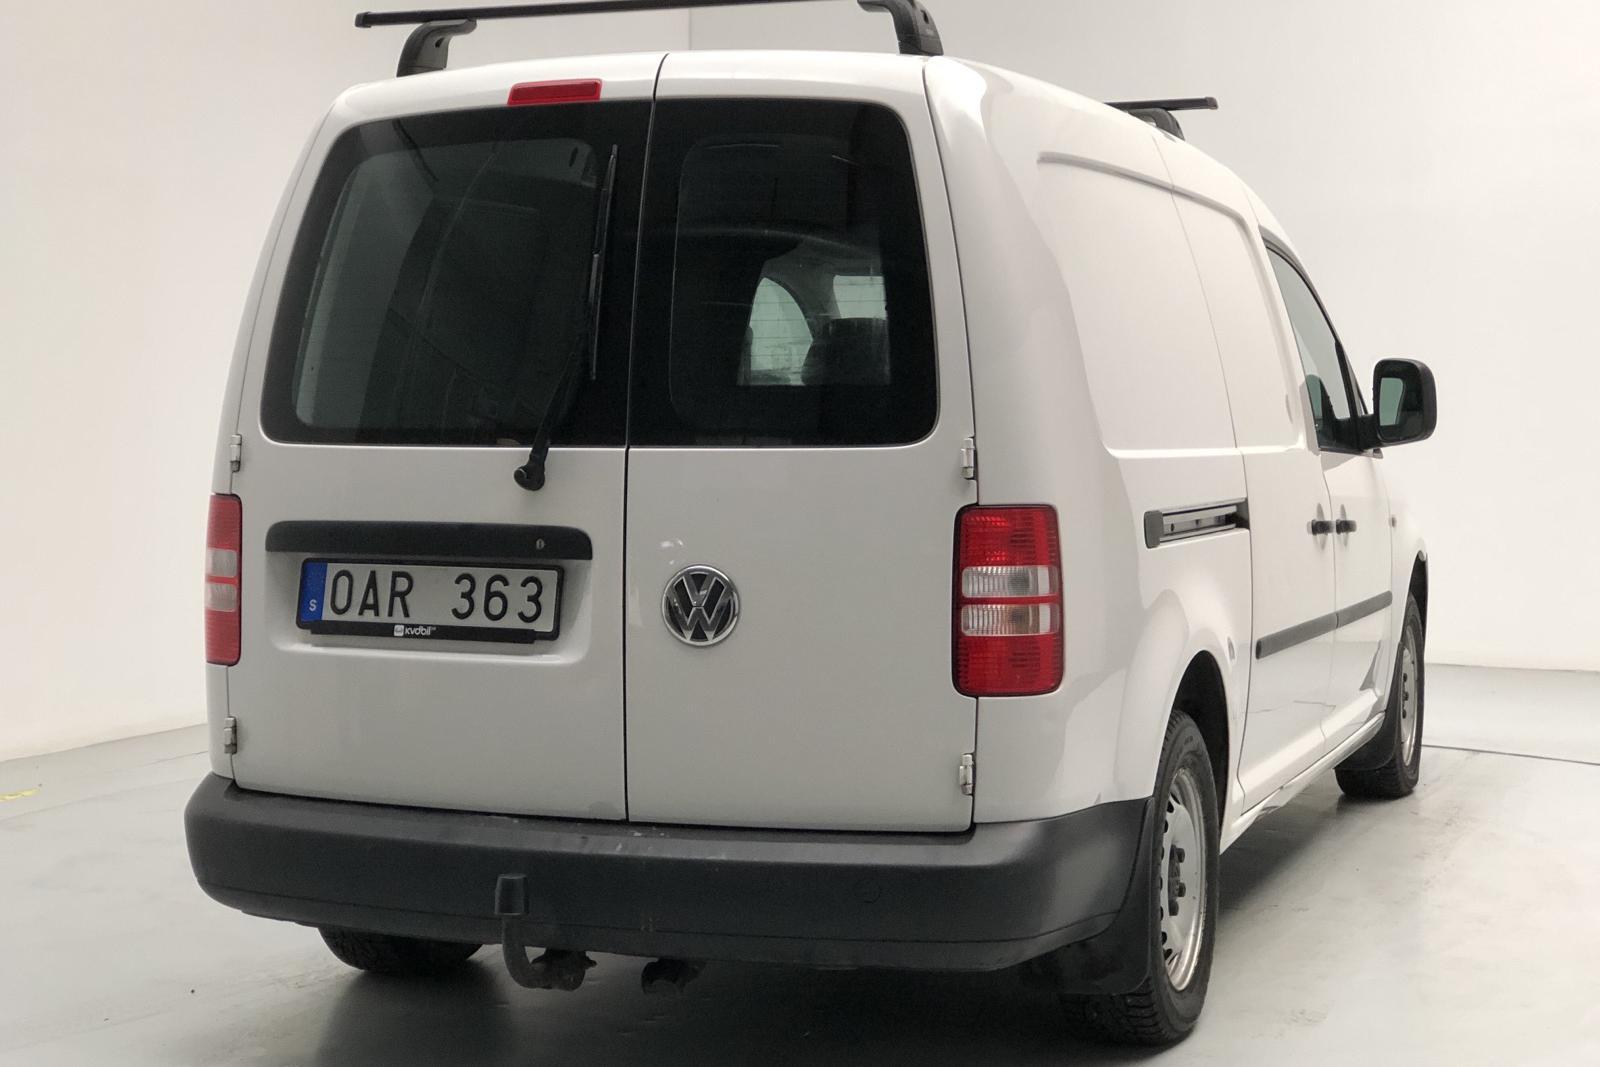 VW Caddy 1.6 TDI Maxi Skåp (102hk) - 10 582 mil - Manuell - vit - 2014